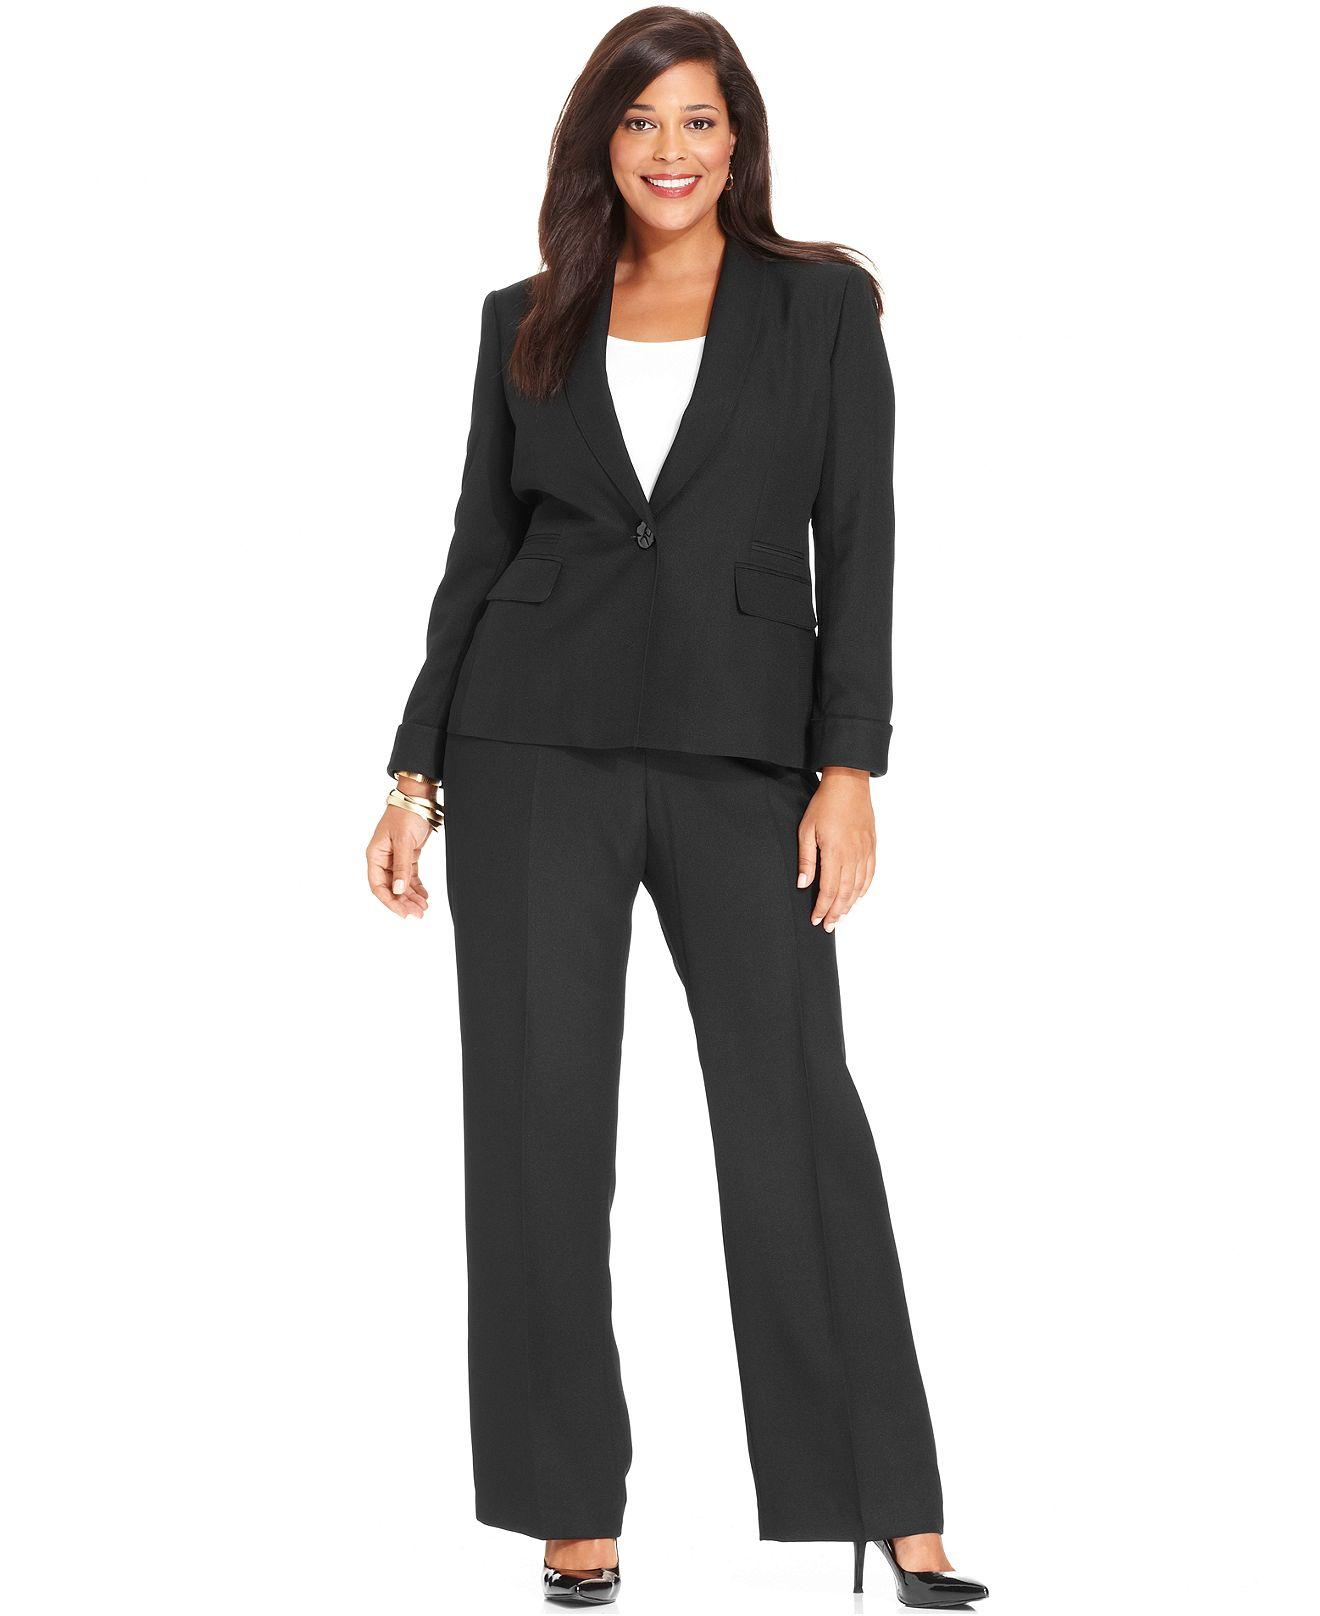 Lady's Pant Suit Styles